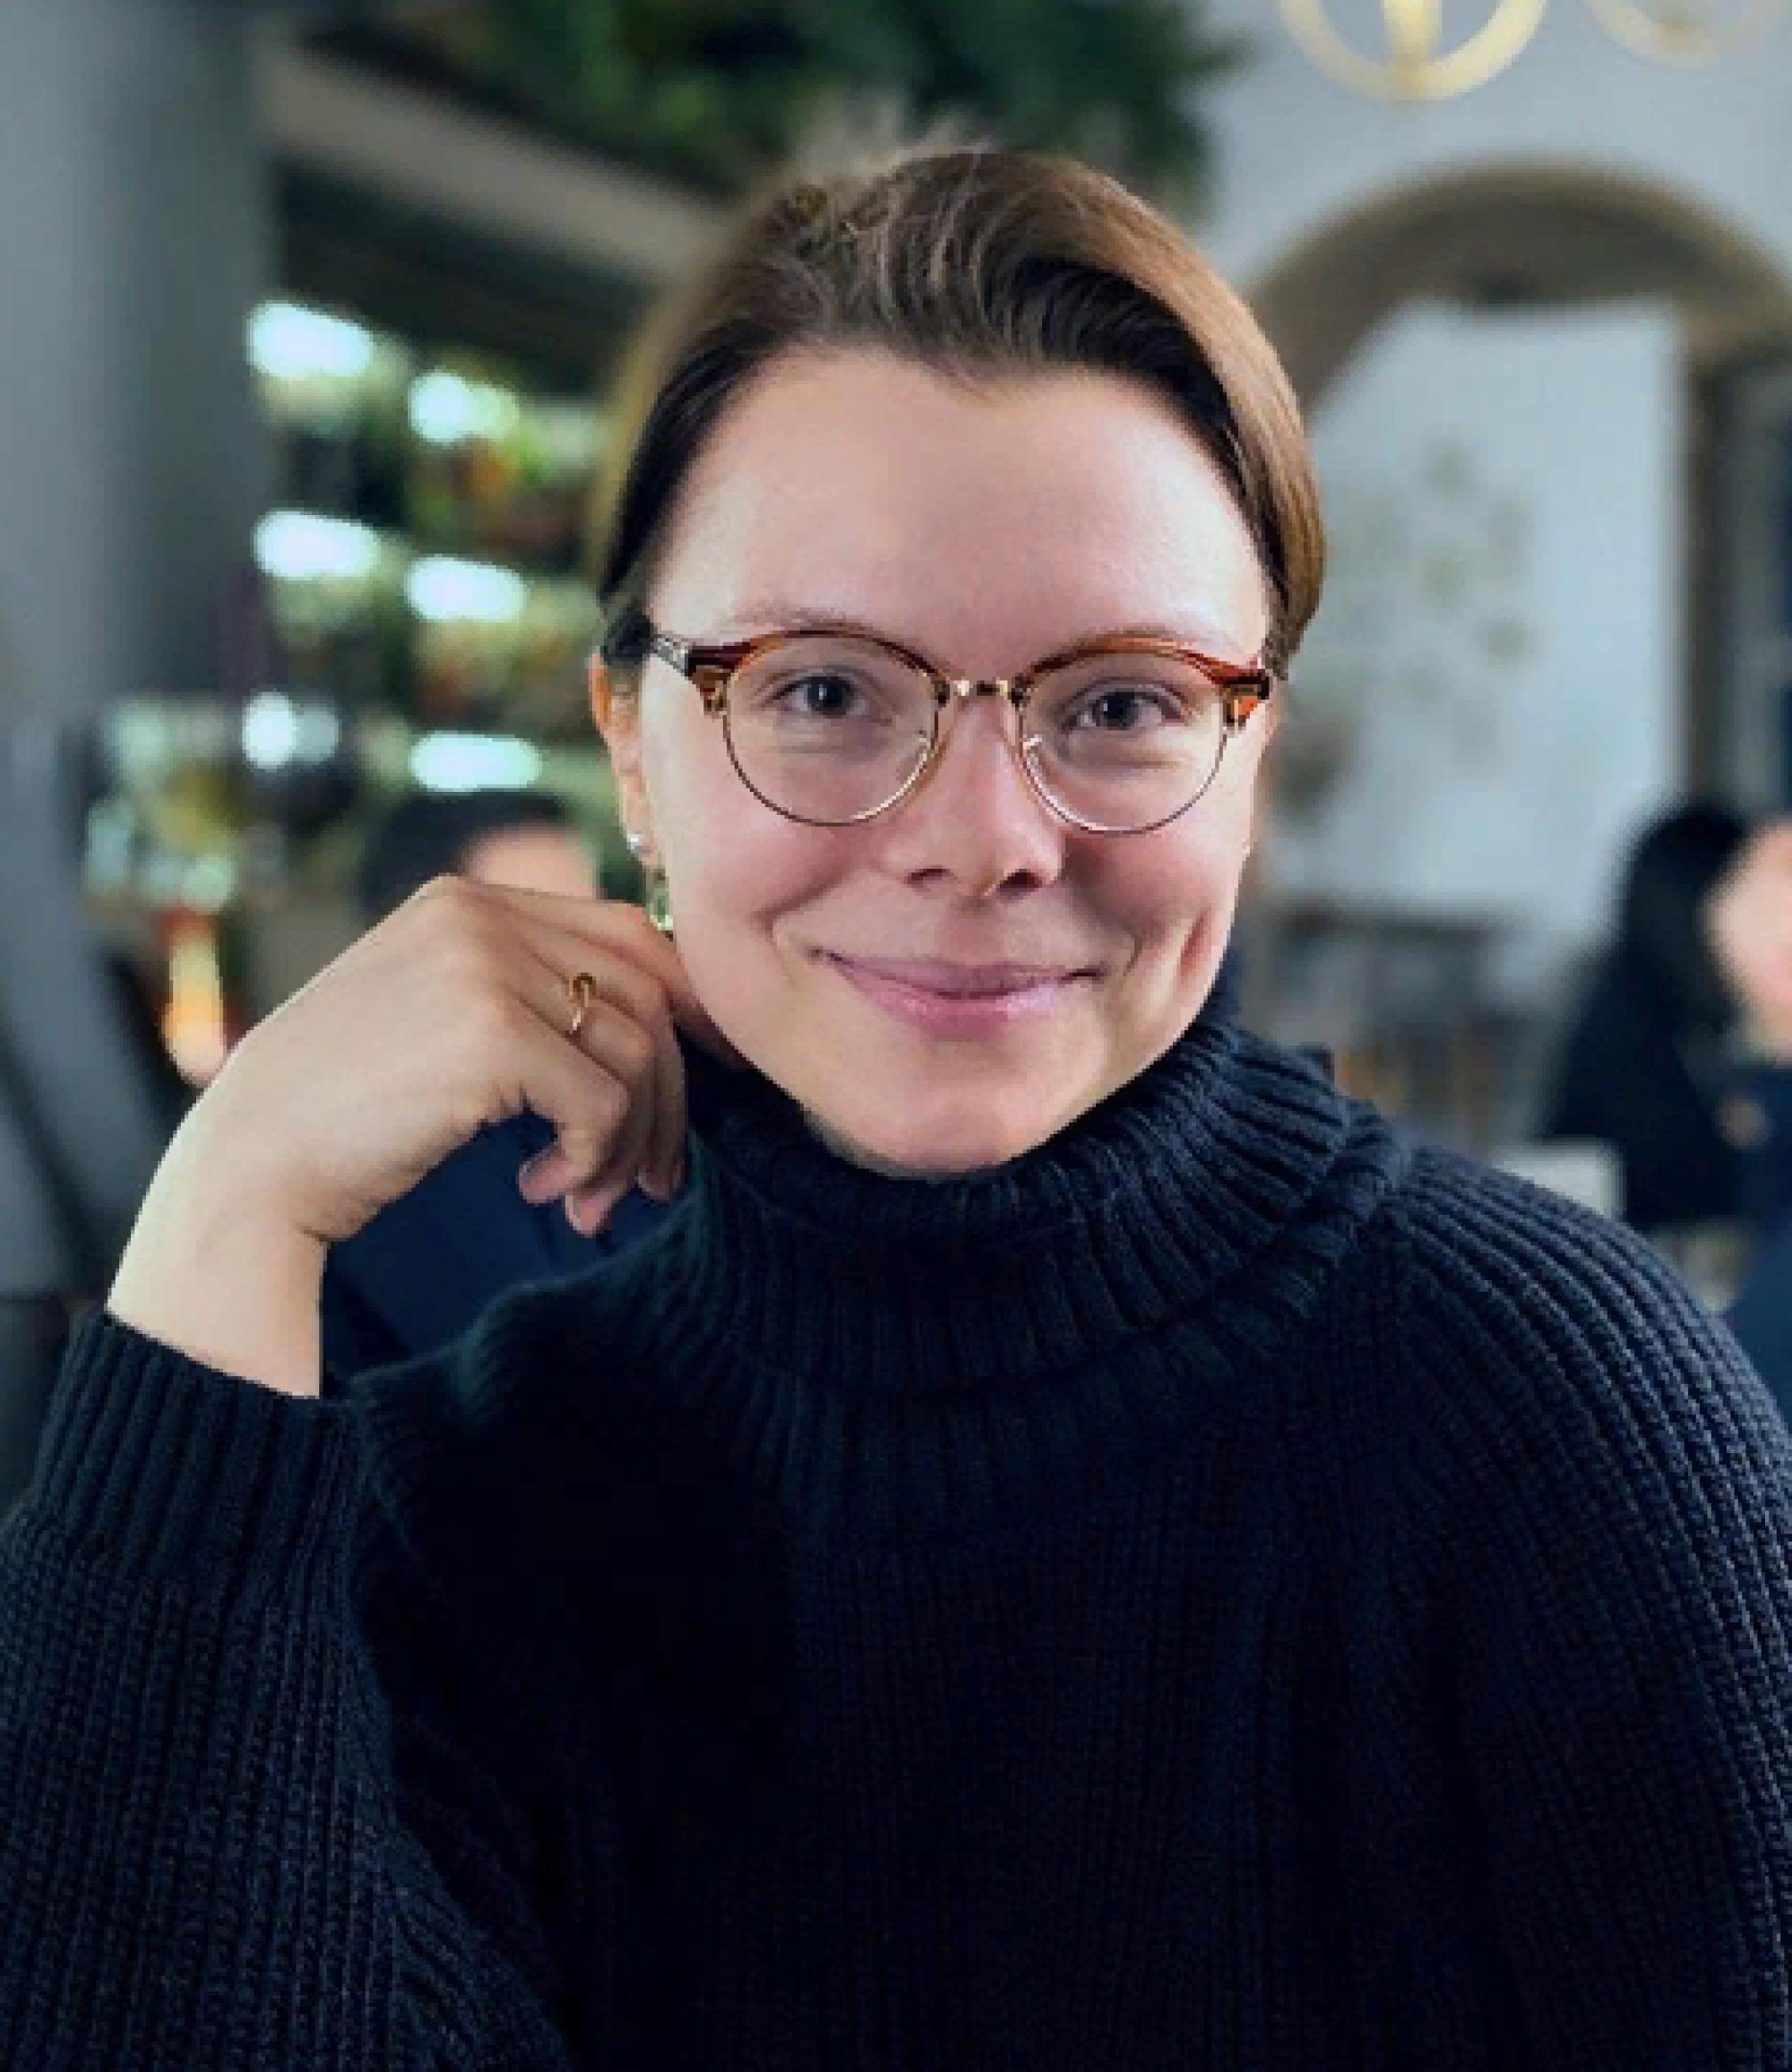 Татьяна Брухунова хотела удалиться из всех соцсетей